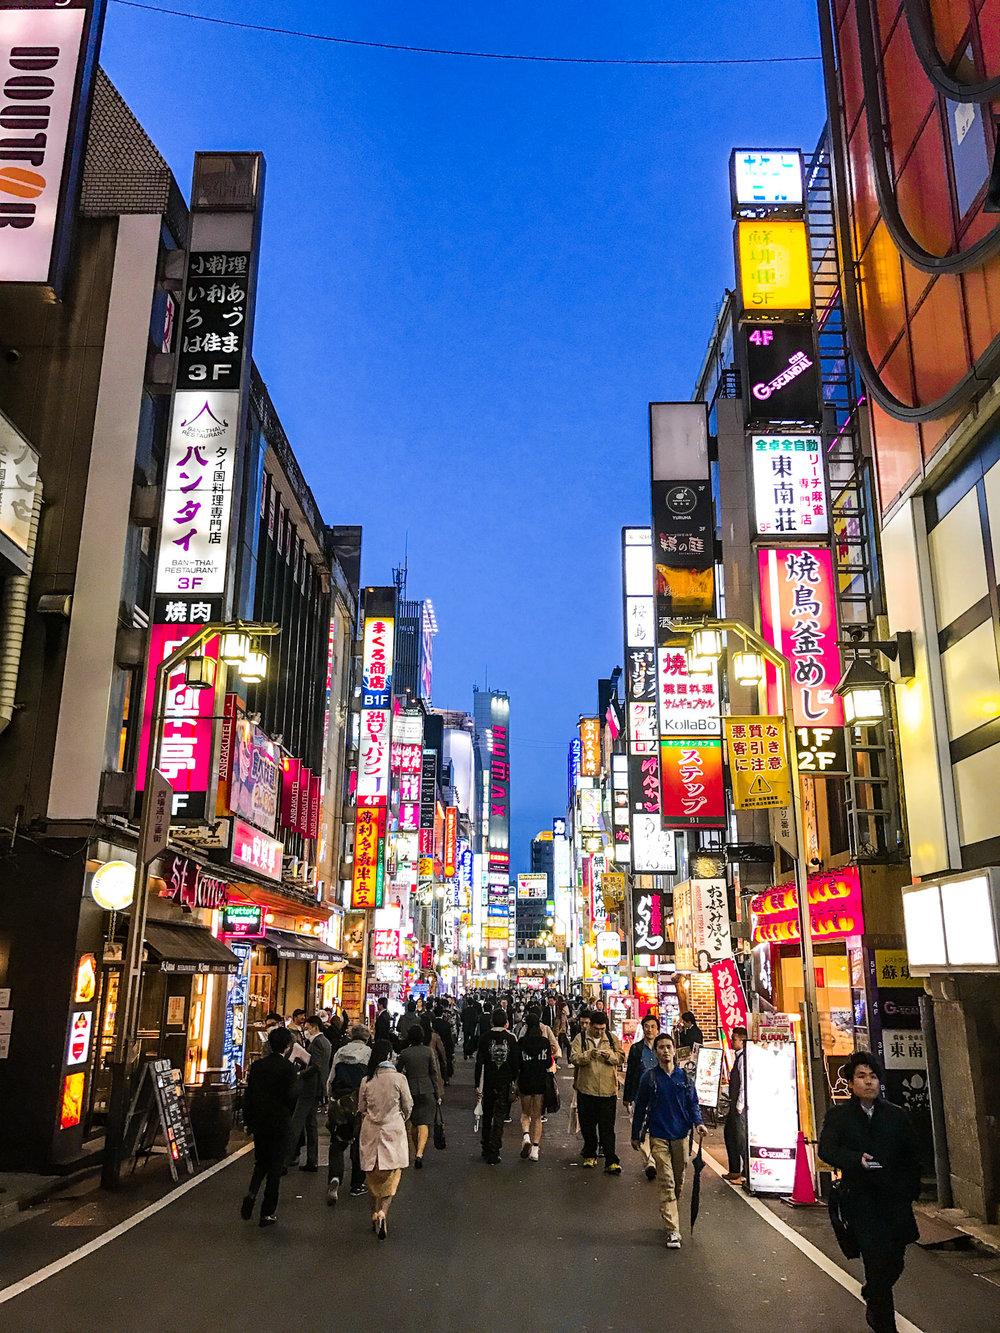 Shinjukunight.jpg